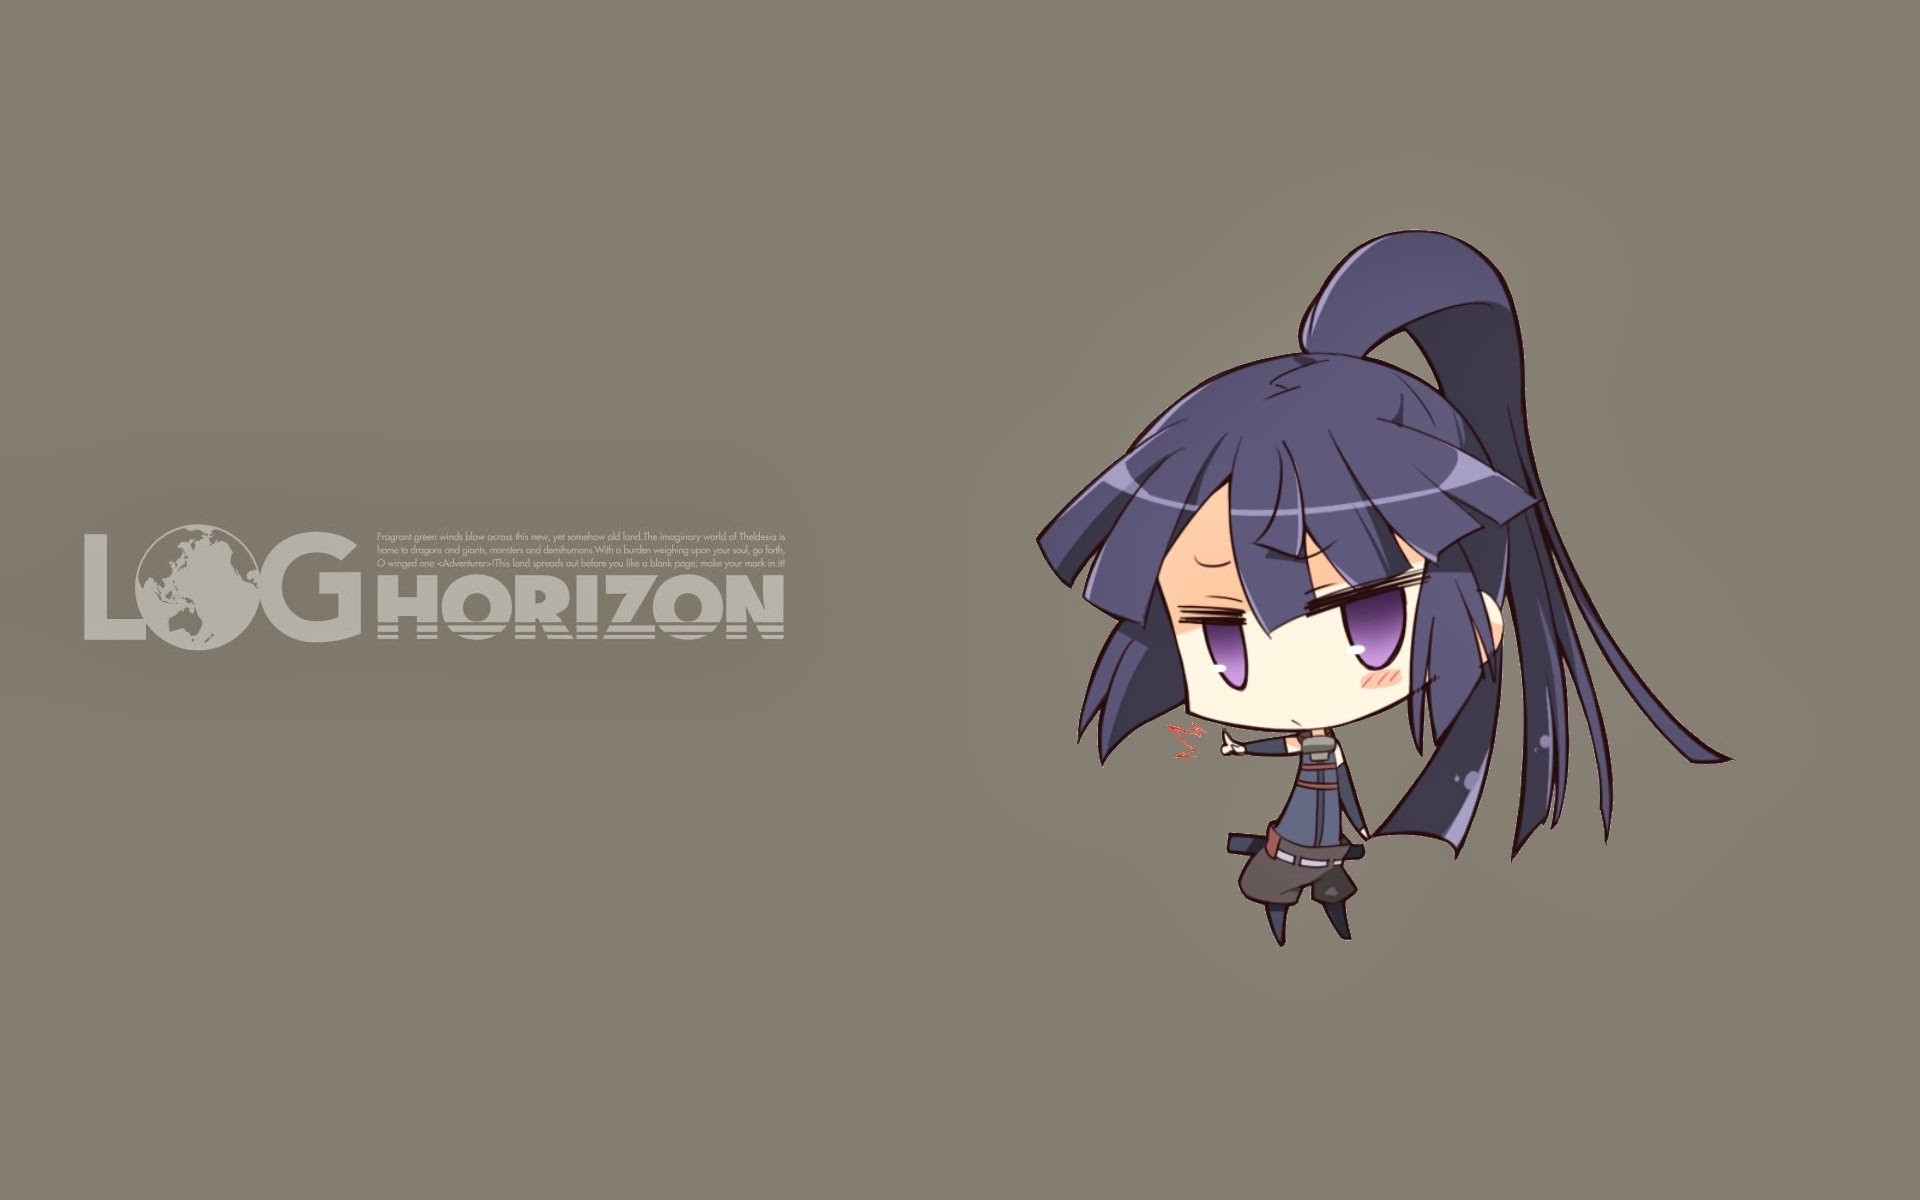 akatsuki chibi log horizon anime hd wallpaper 9k.